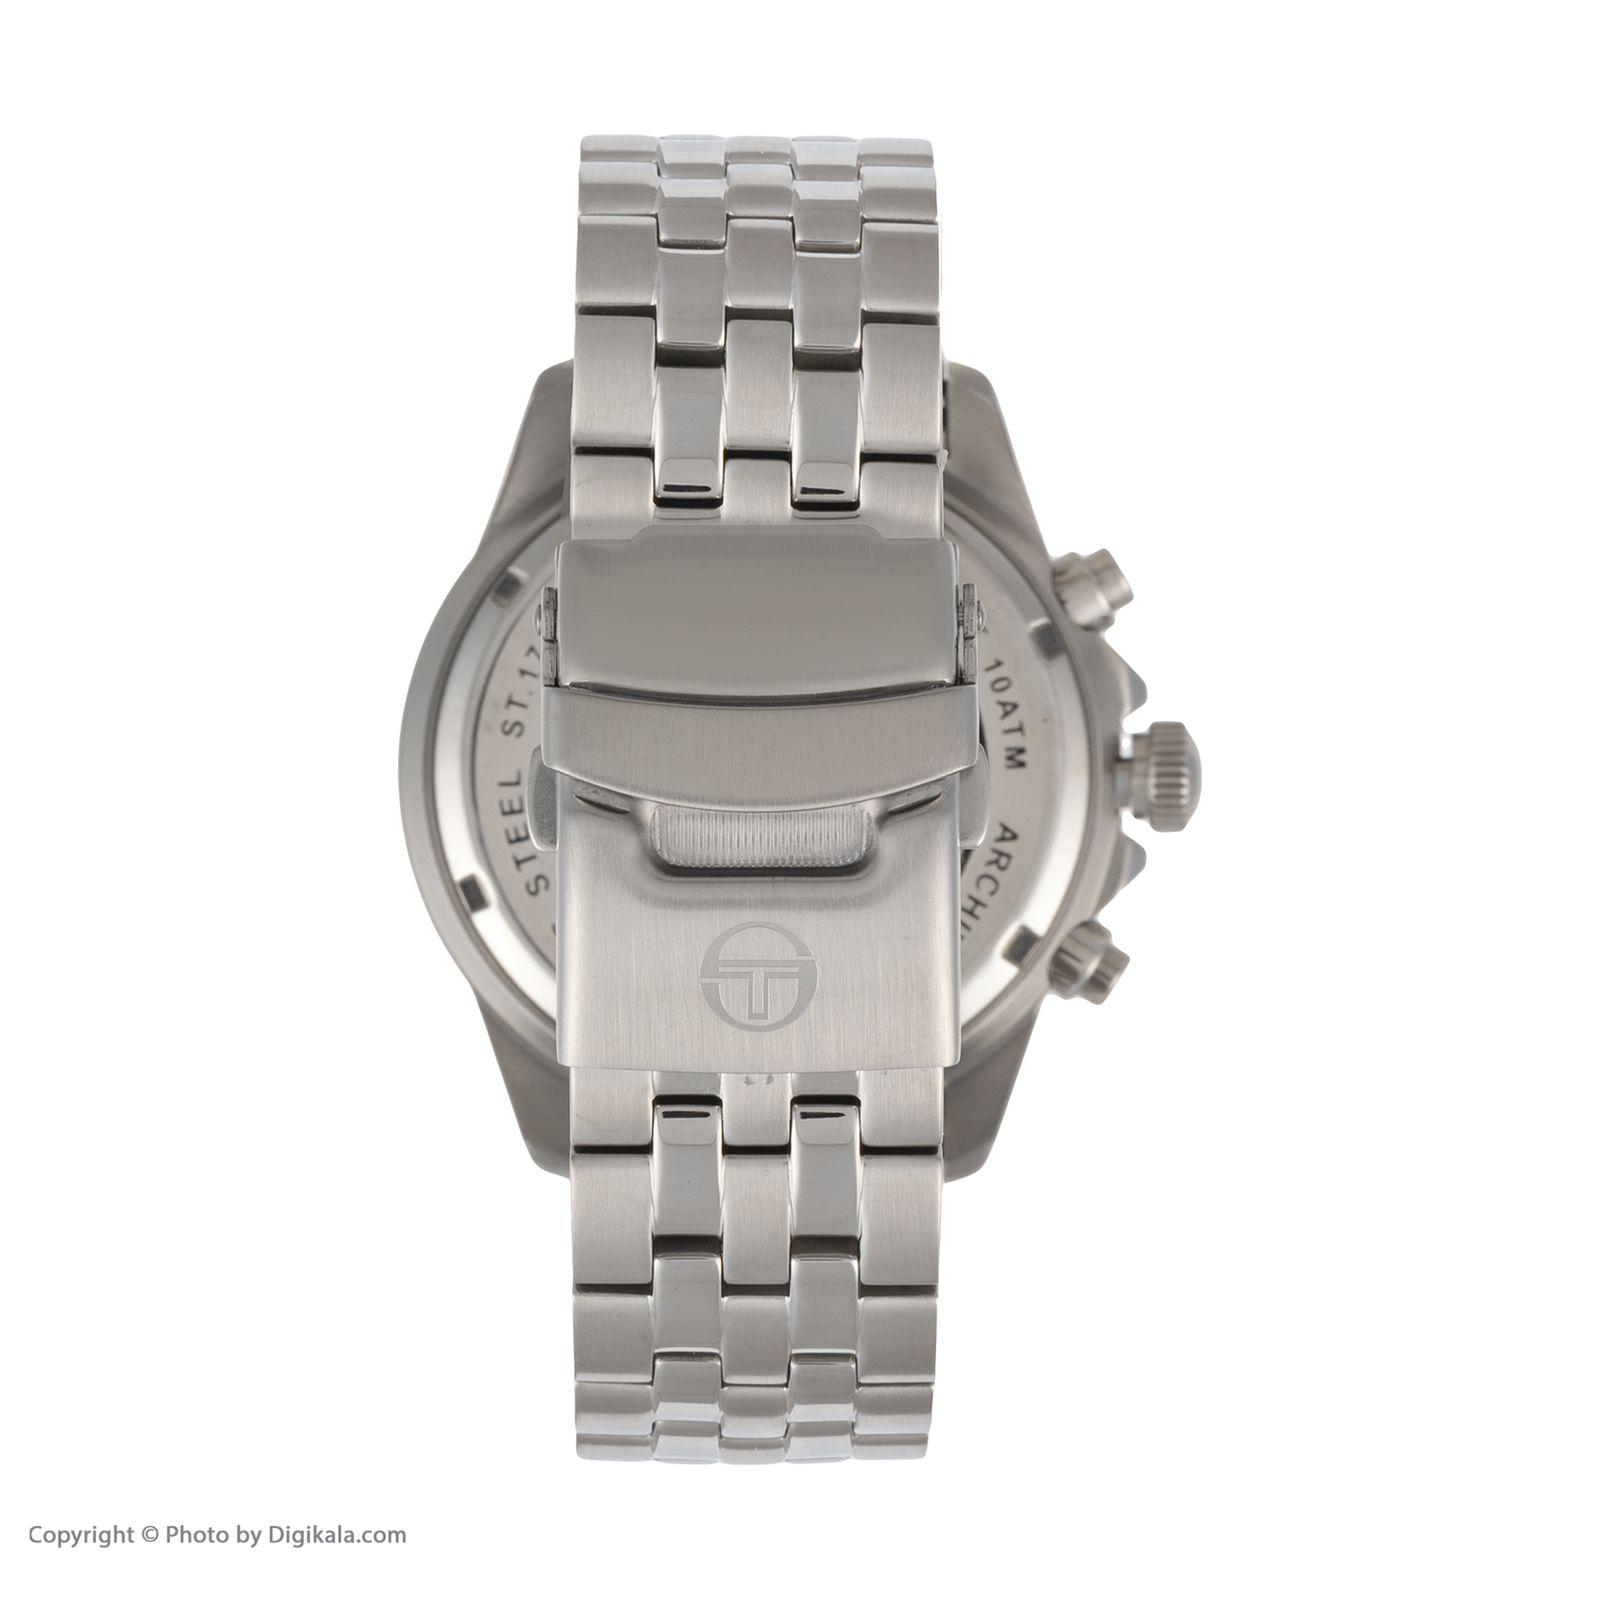 ساعت مچی عقربه ای مردانه سرجیو تاچینی مدل ST.17.102.07 -  - 2